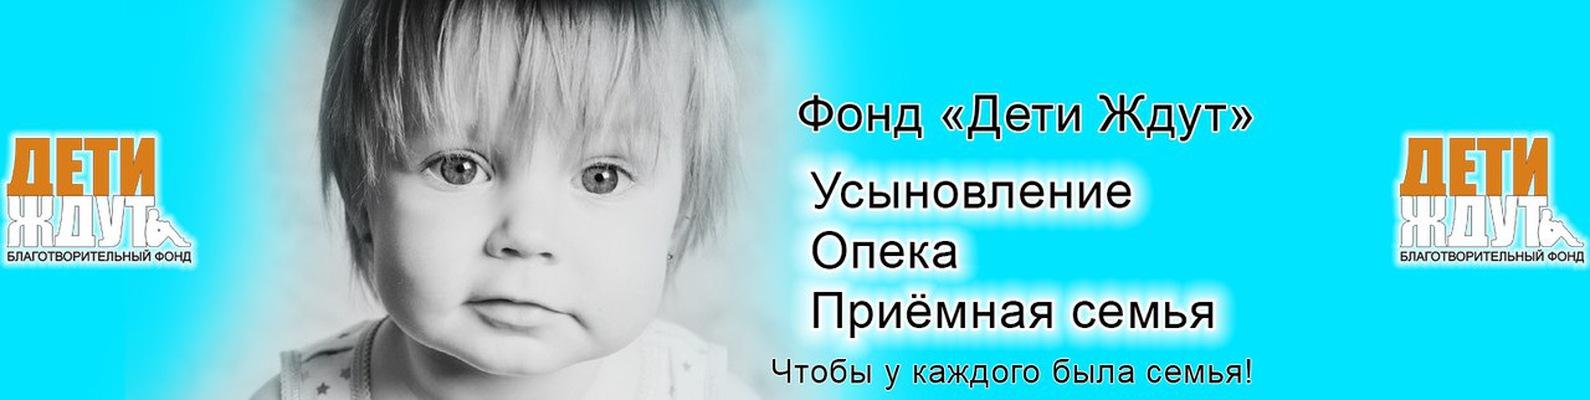 Фото детей в 2 5 месяца